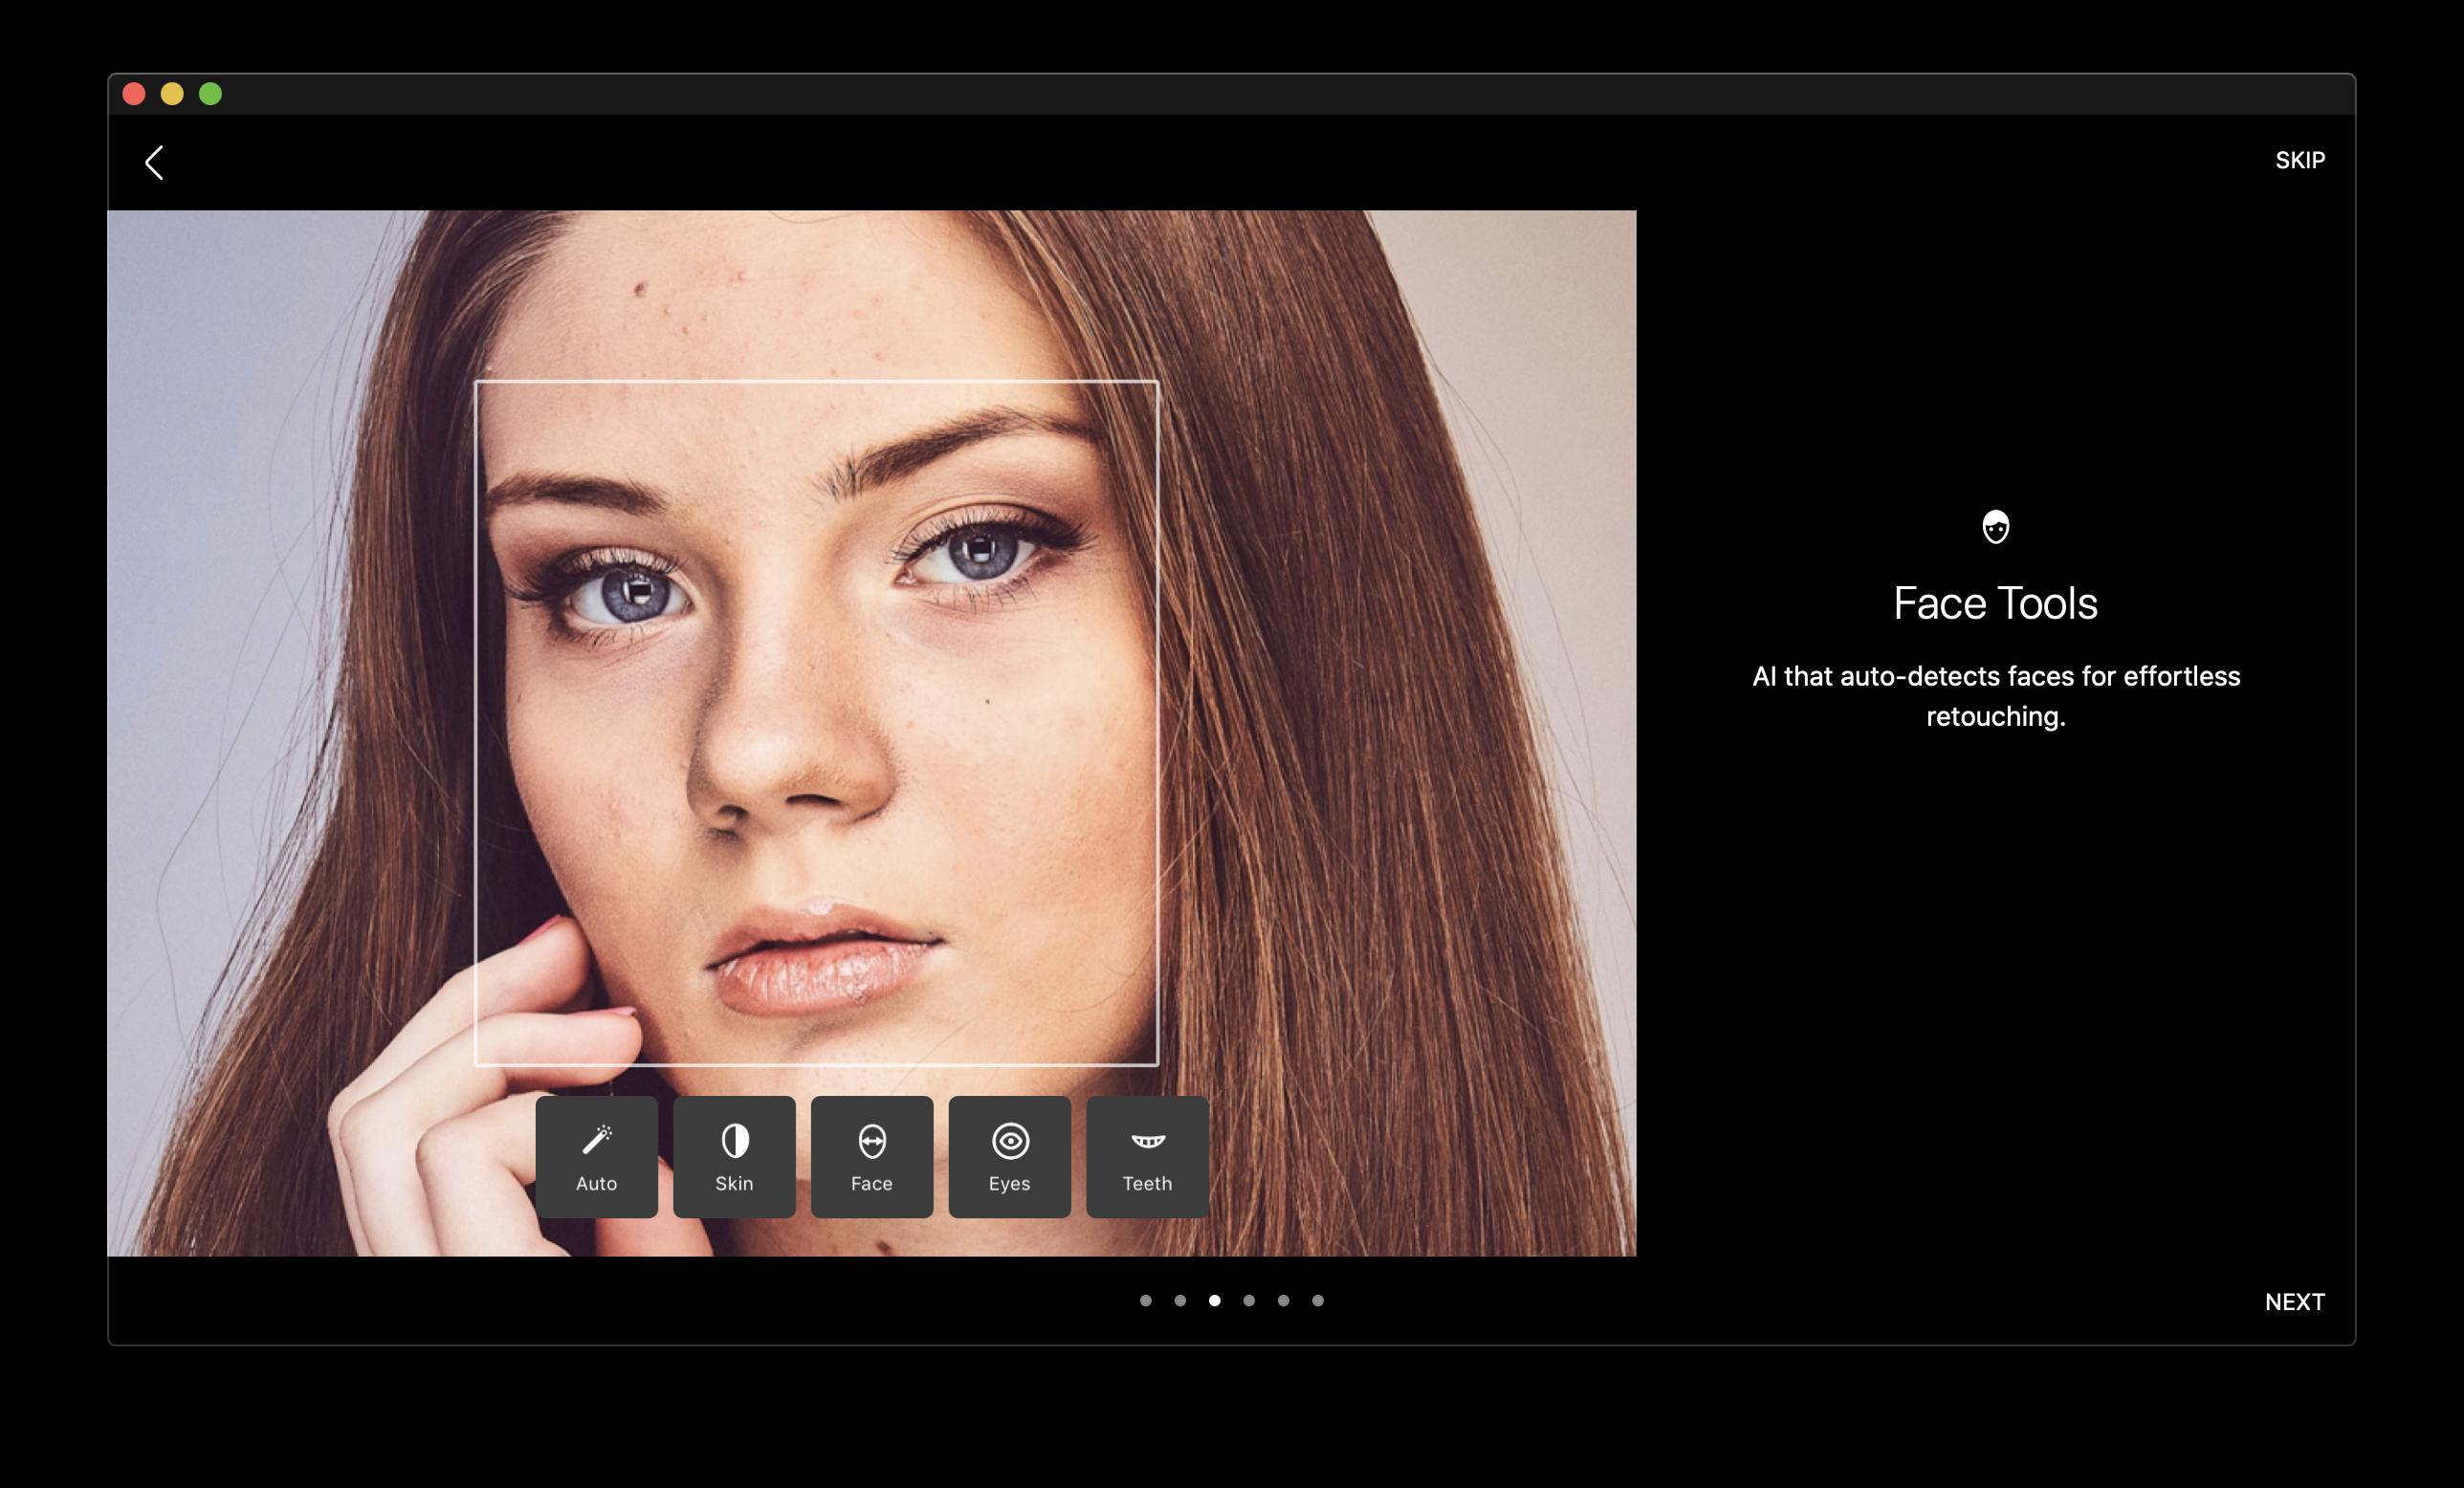 Polarr Photo Editor – następca standardowego narzędzia do edycji zdjęć?